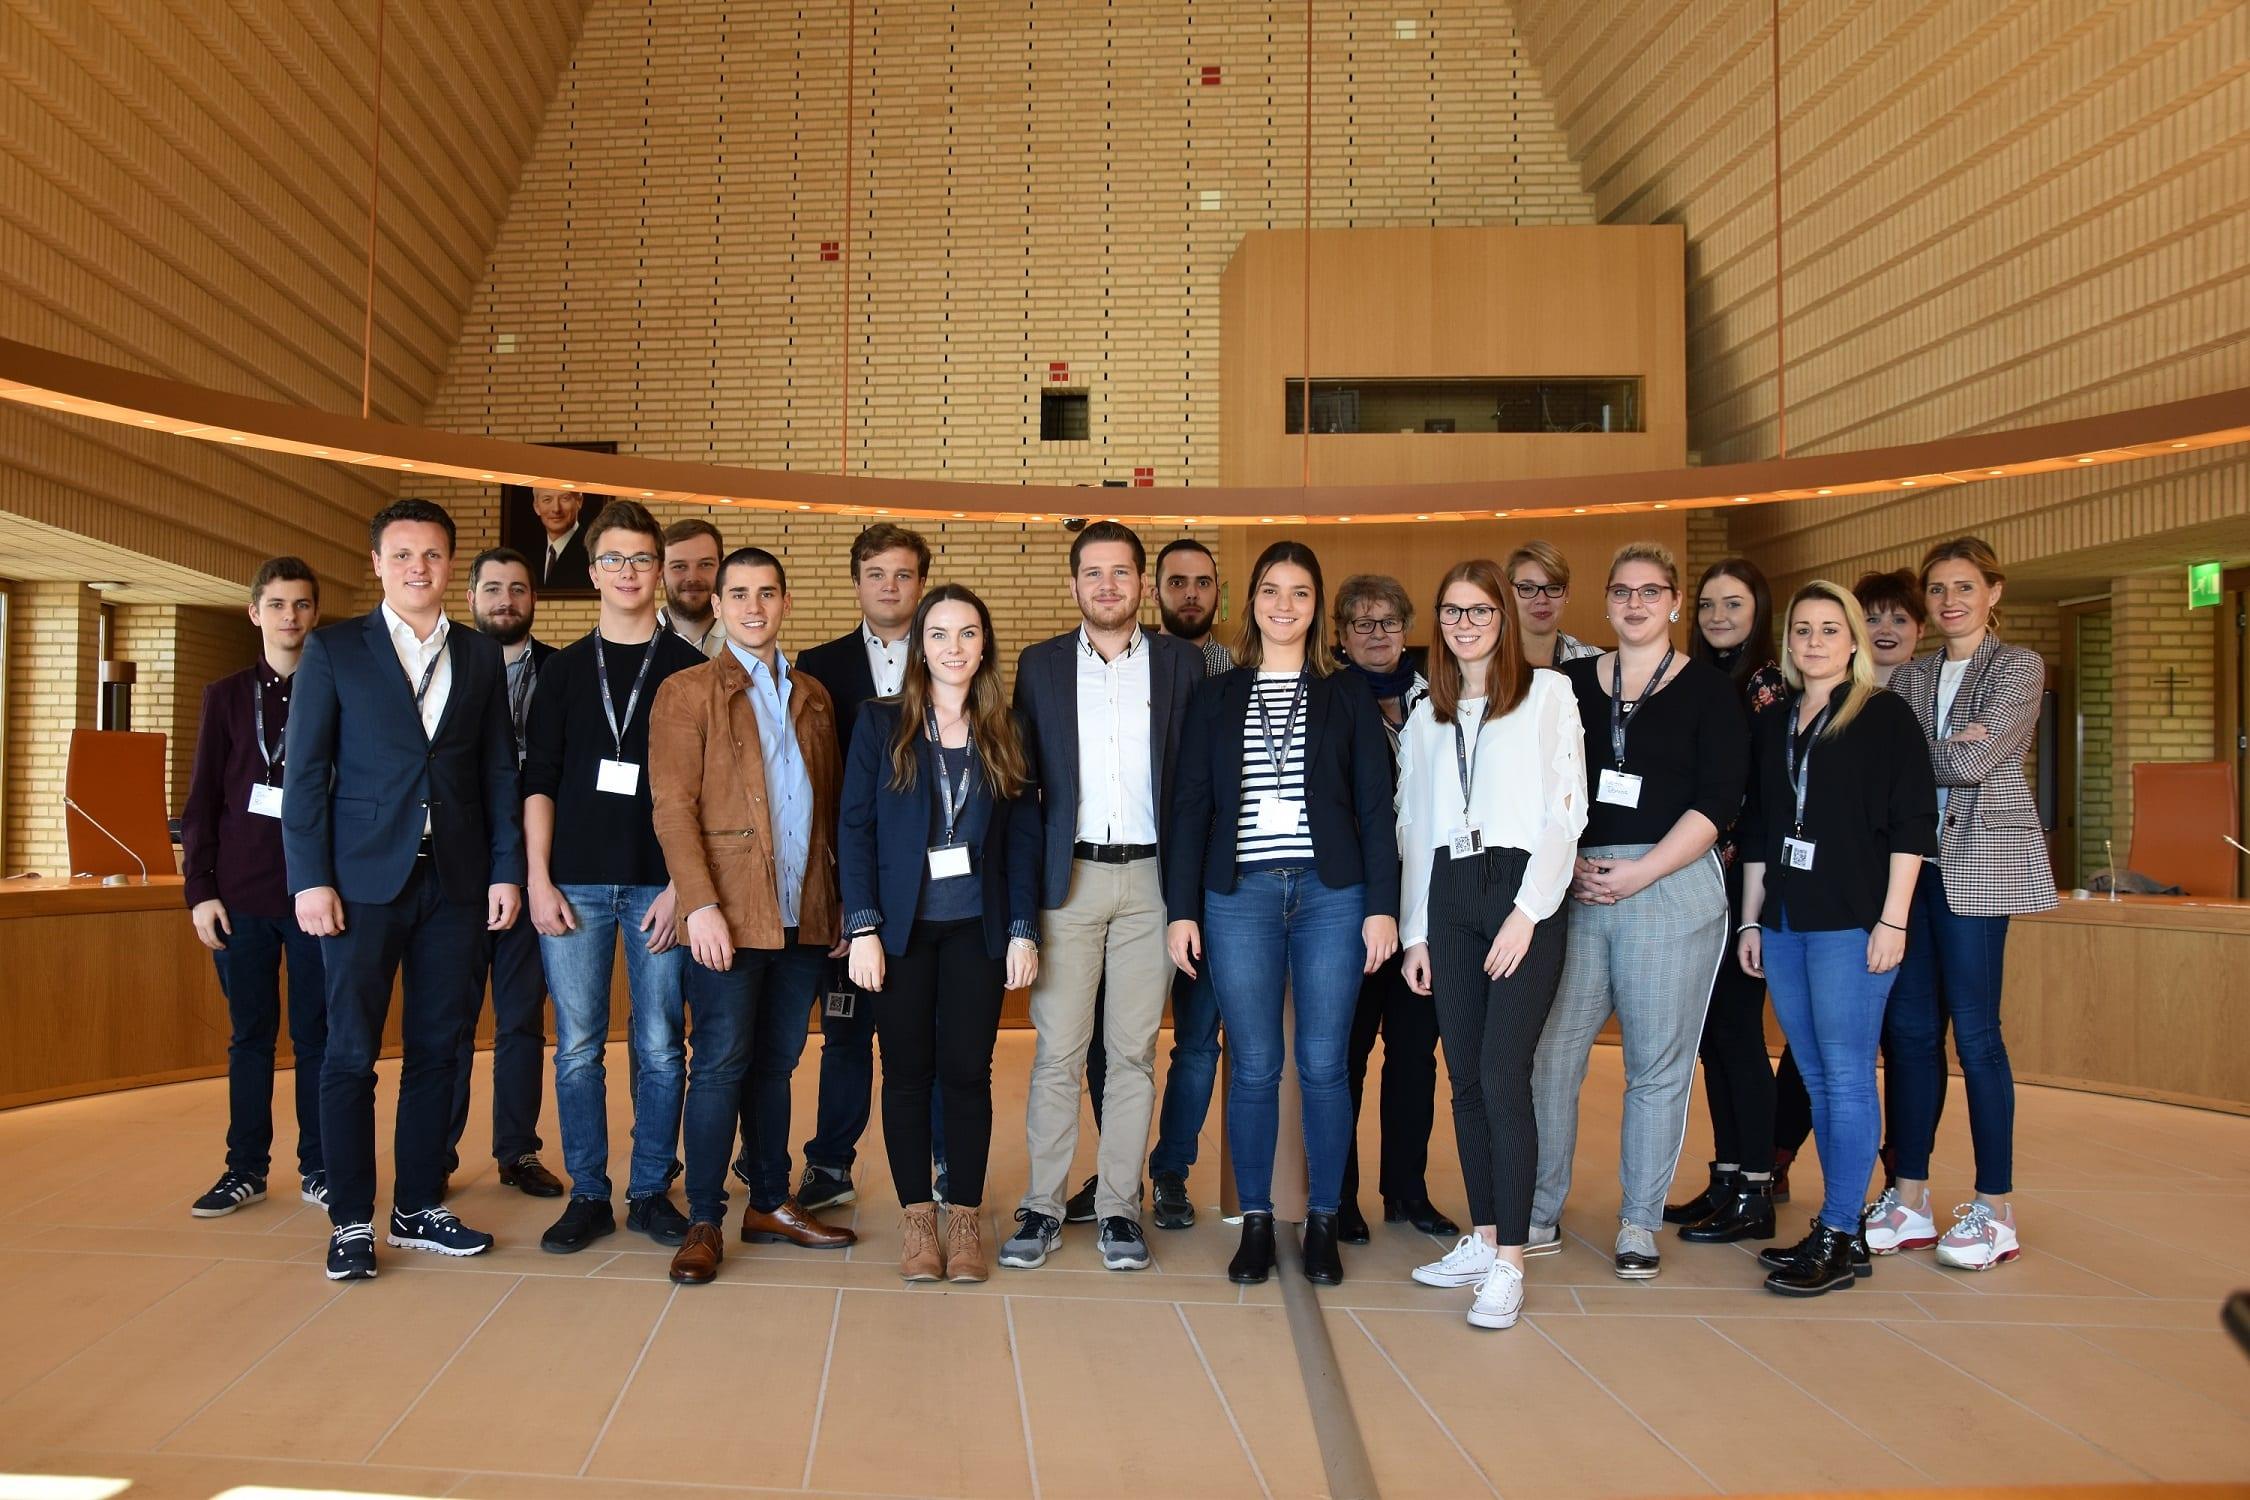 Jugendsession beriet über «Familie und Beruf» sowie «Bildungsfinanzierung»